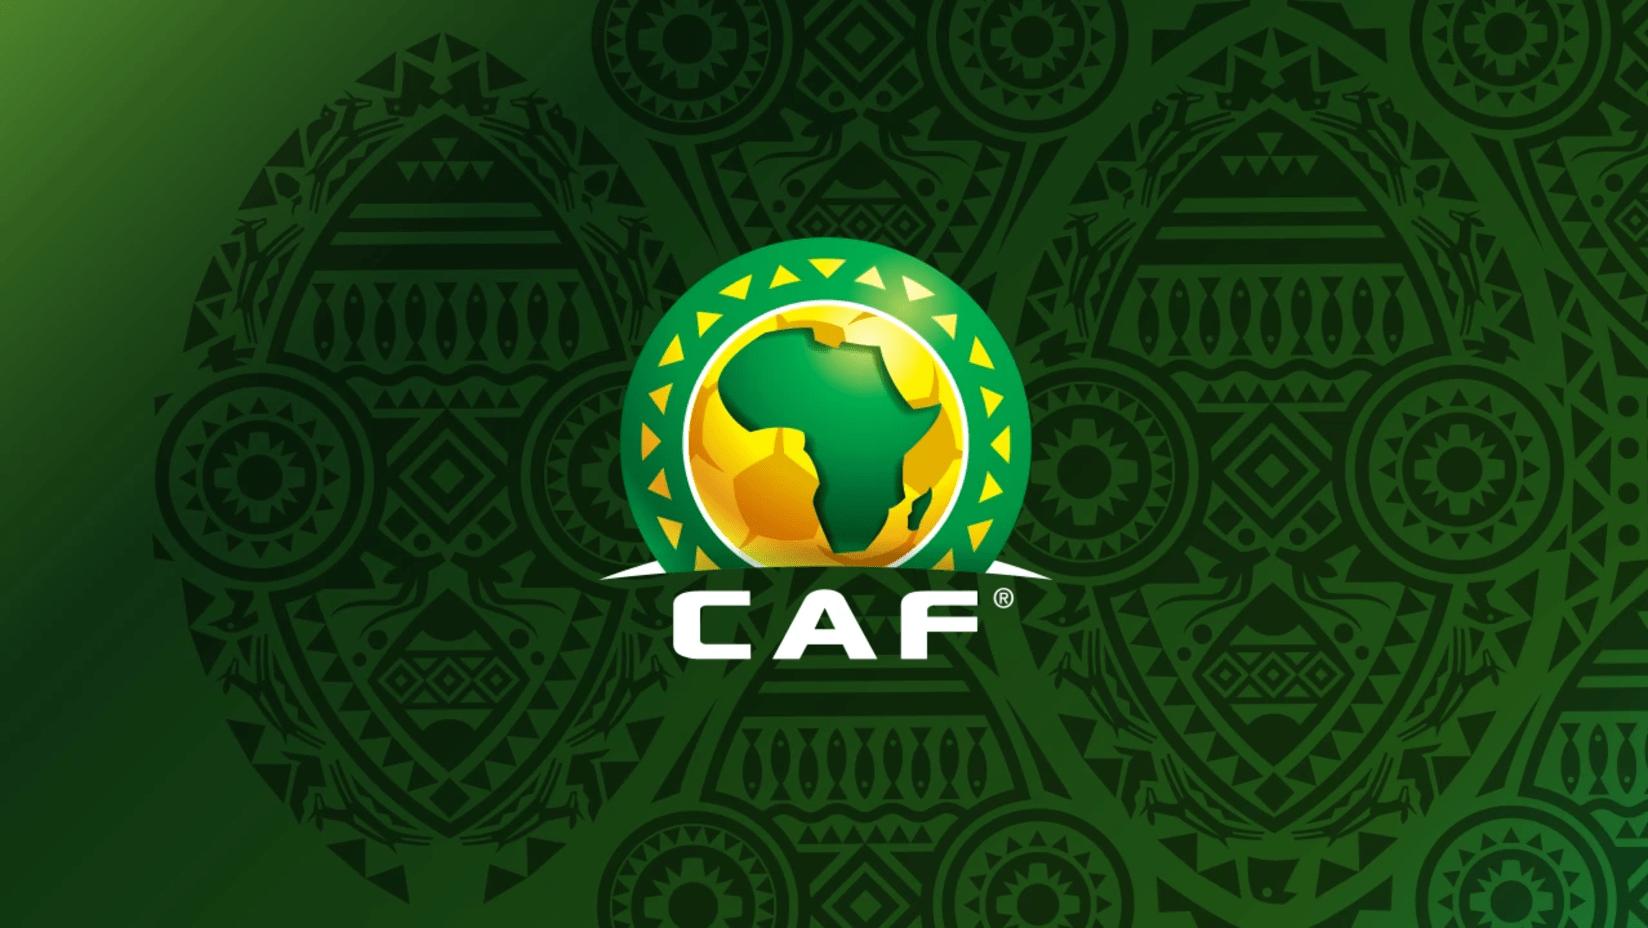 CAF : Reprise des éliminatoires en novembre pour Cameroun 2021 et en mai 2021 pour Qatar 2022